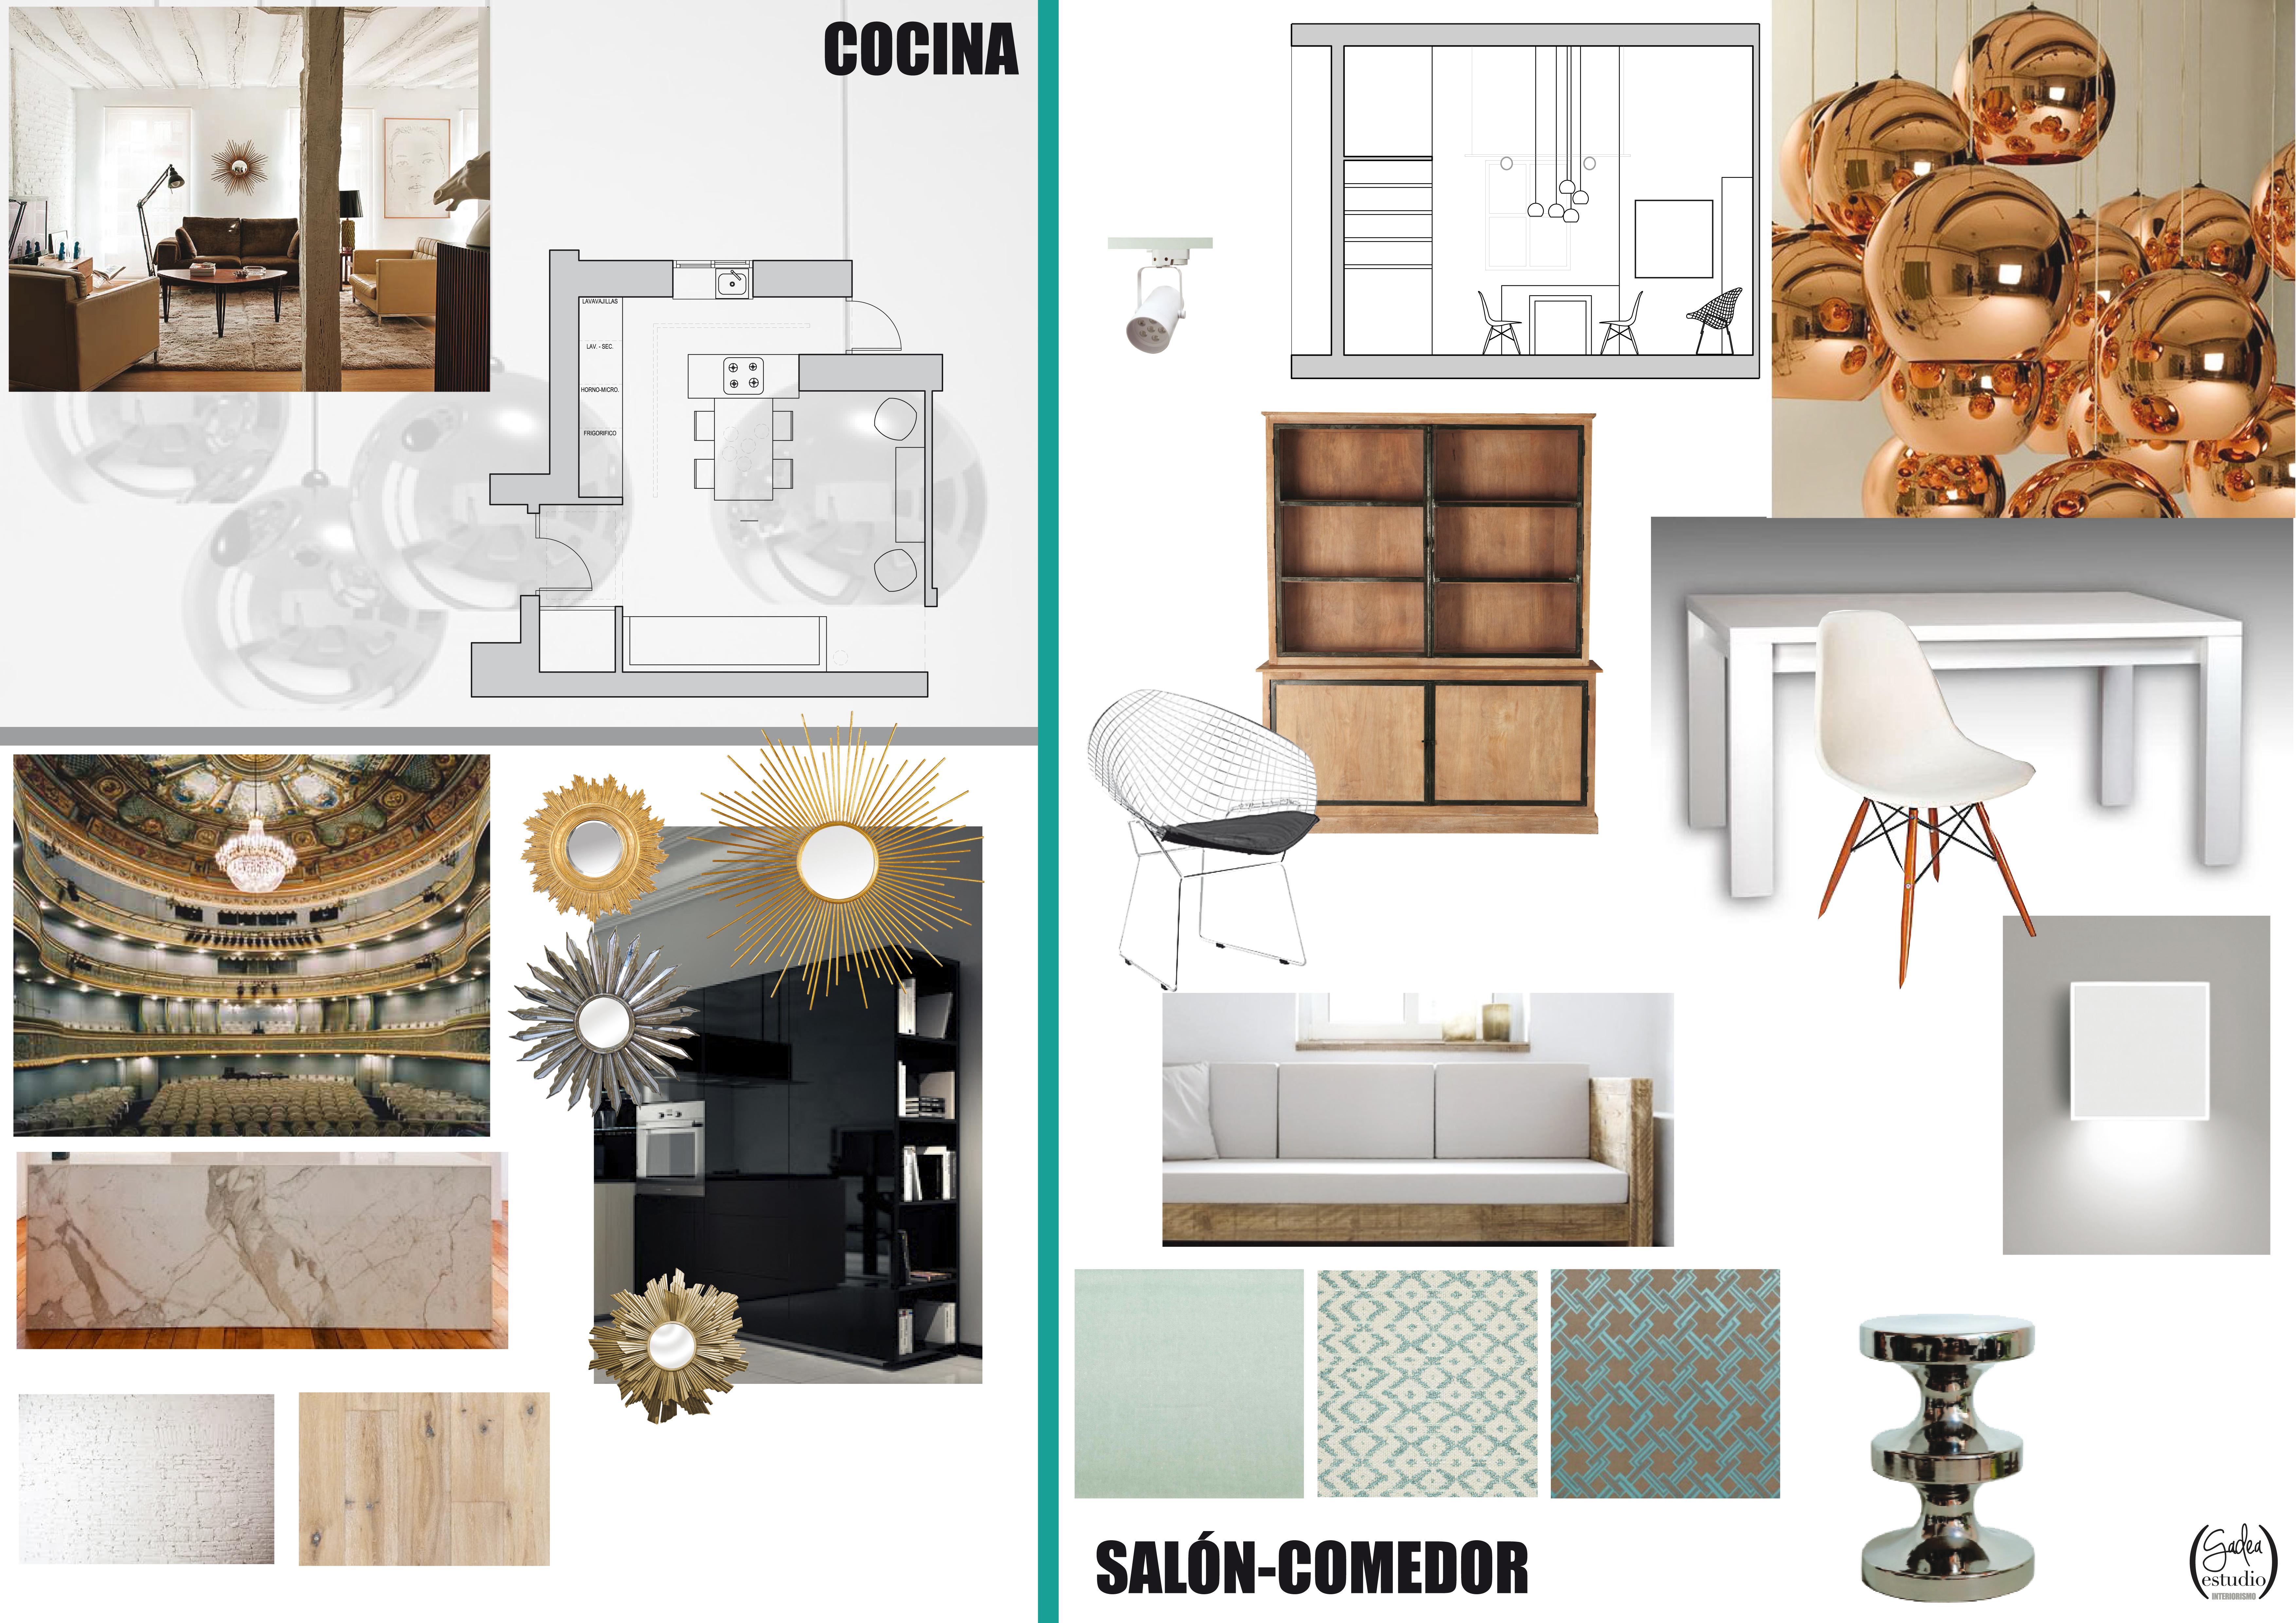 Proyectos gadeainteriorismo - Fotos de interiorismo ...